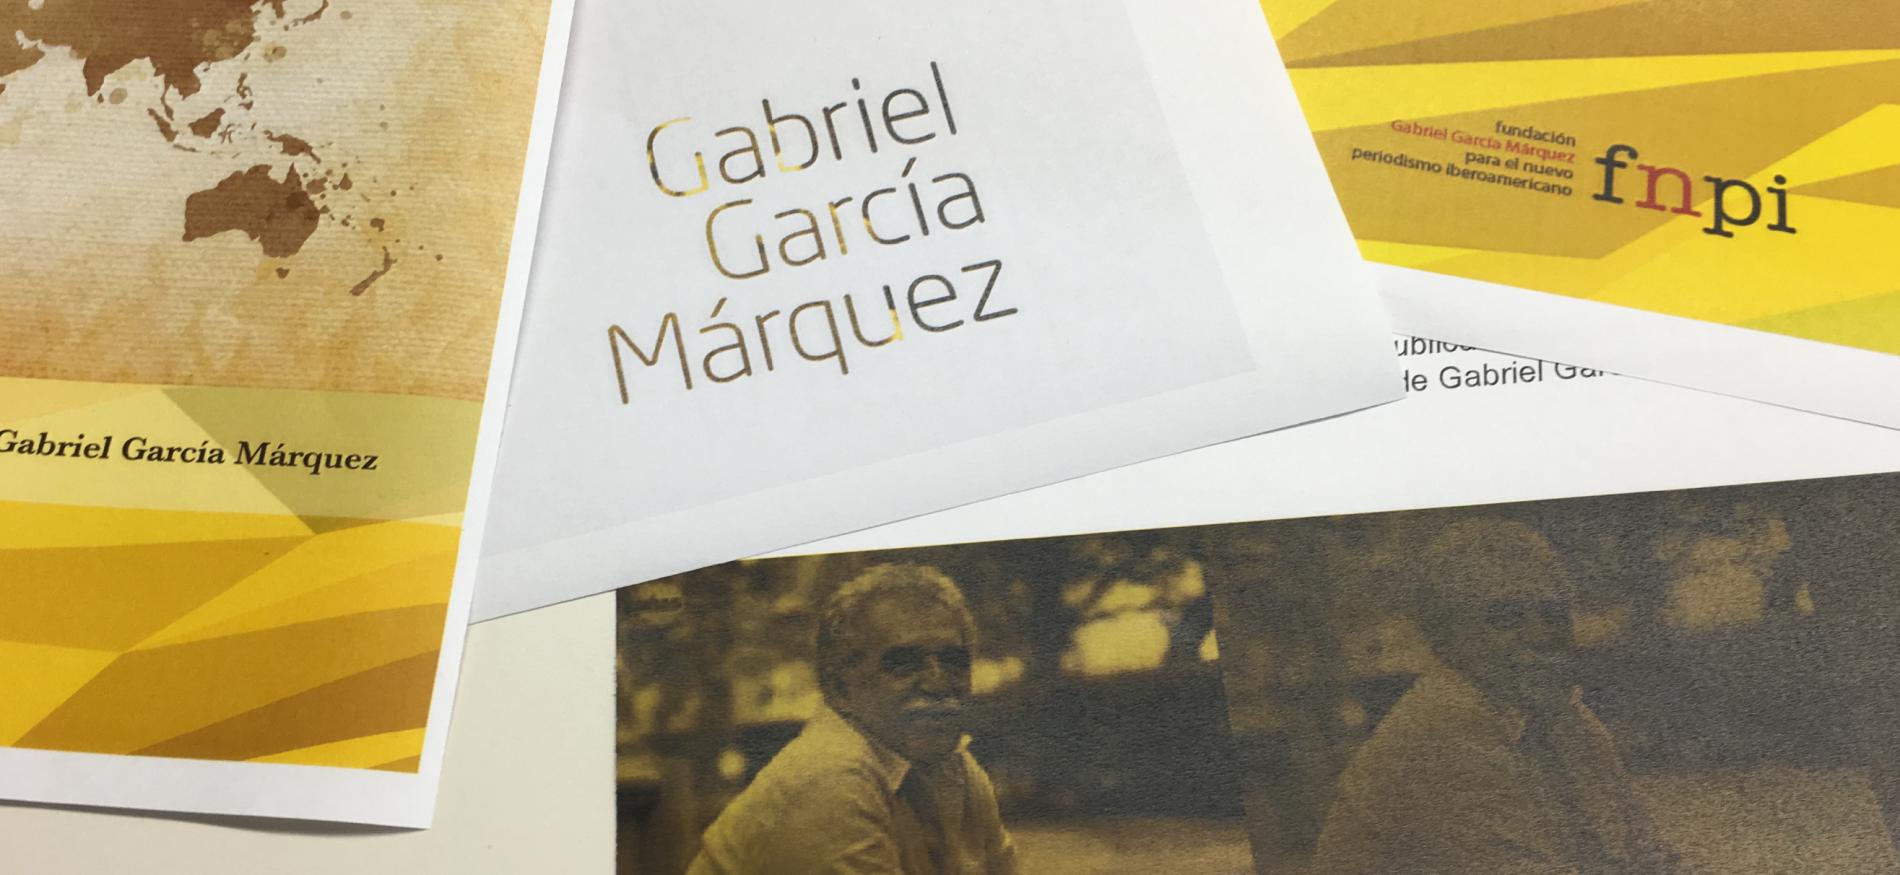 Plan estratéxico do Centro Internacional para o Legado de Gabriel García Márquez